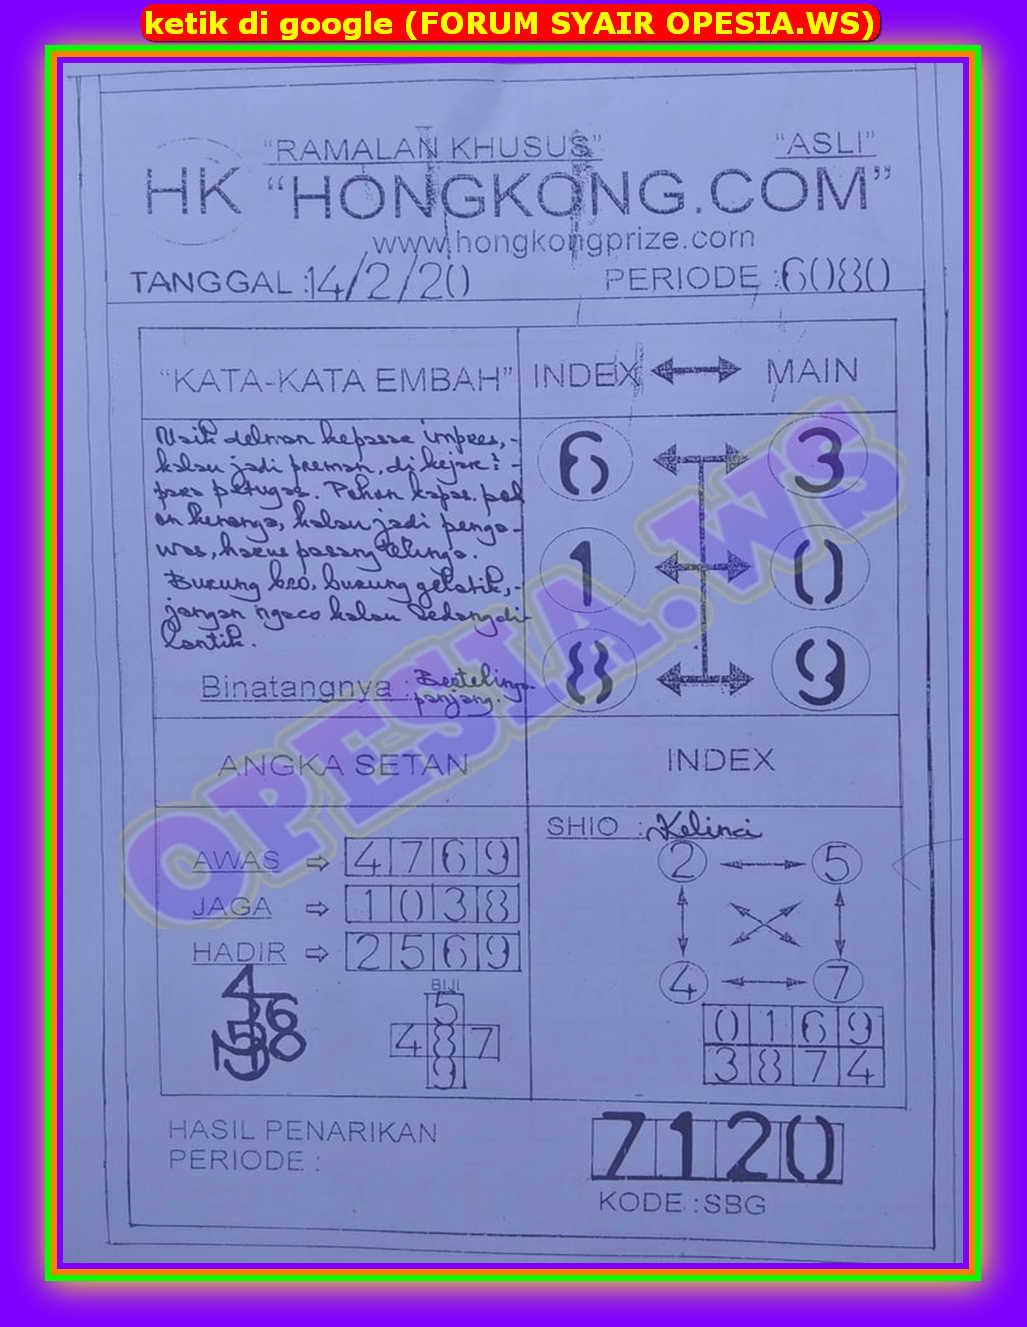 Kode syair Hongkong Jumat 14 Februari 2020 28